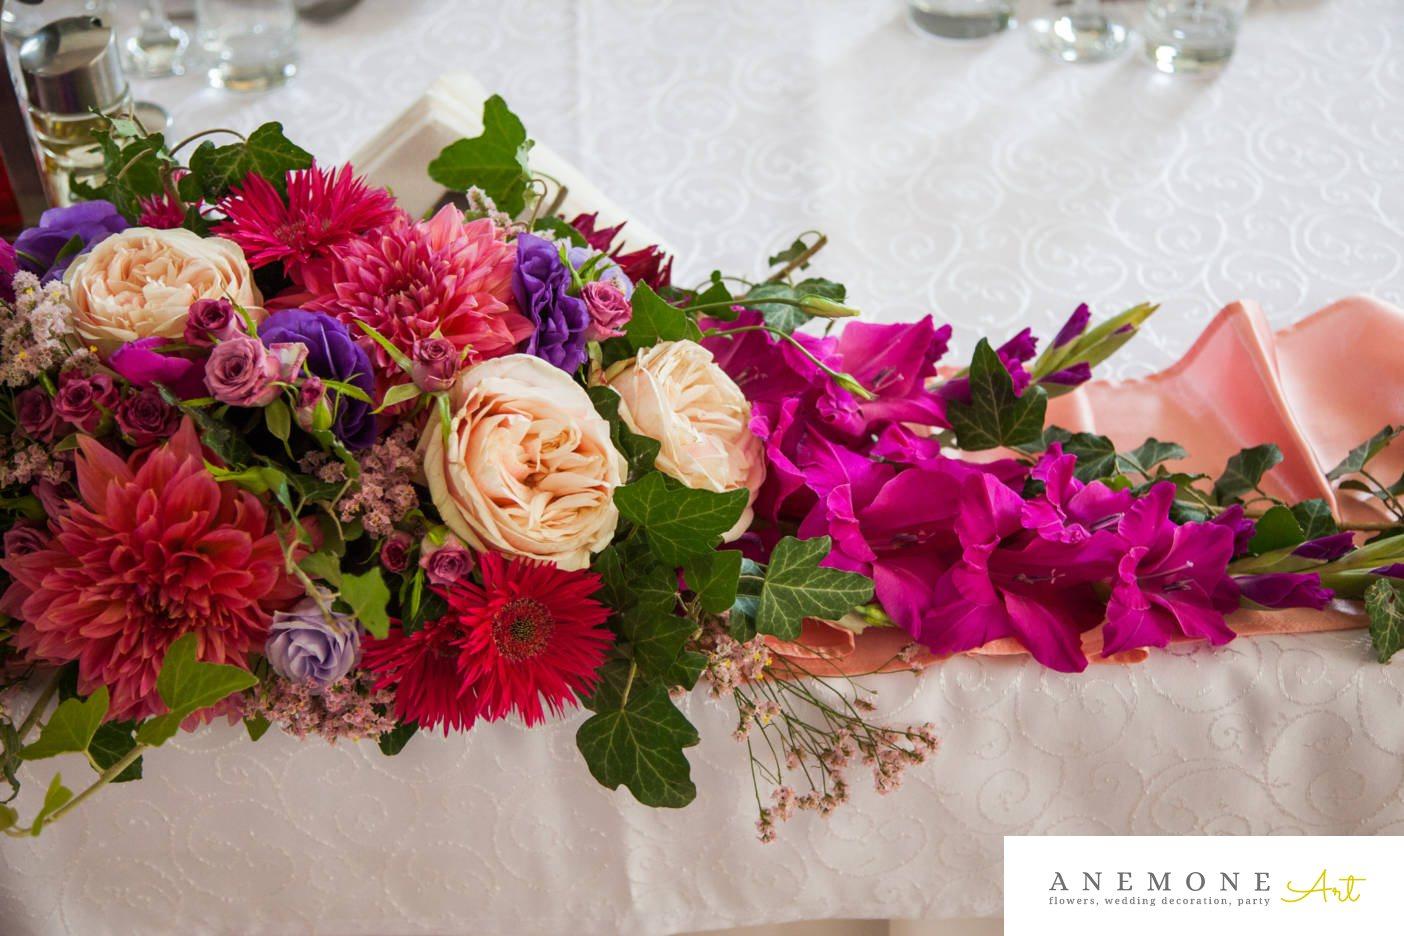 Poza, foto cu Flori de nunta hotel central, prezidiu in Arad, Timisoara, Oradea (wedding flowers, bouquets) nunta Arad, Timisoara, Oradea